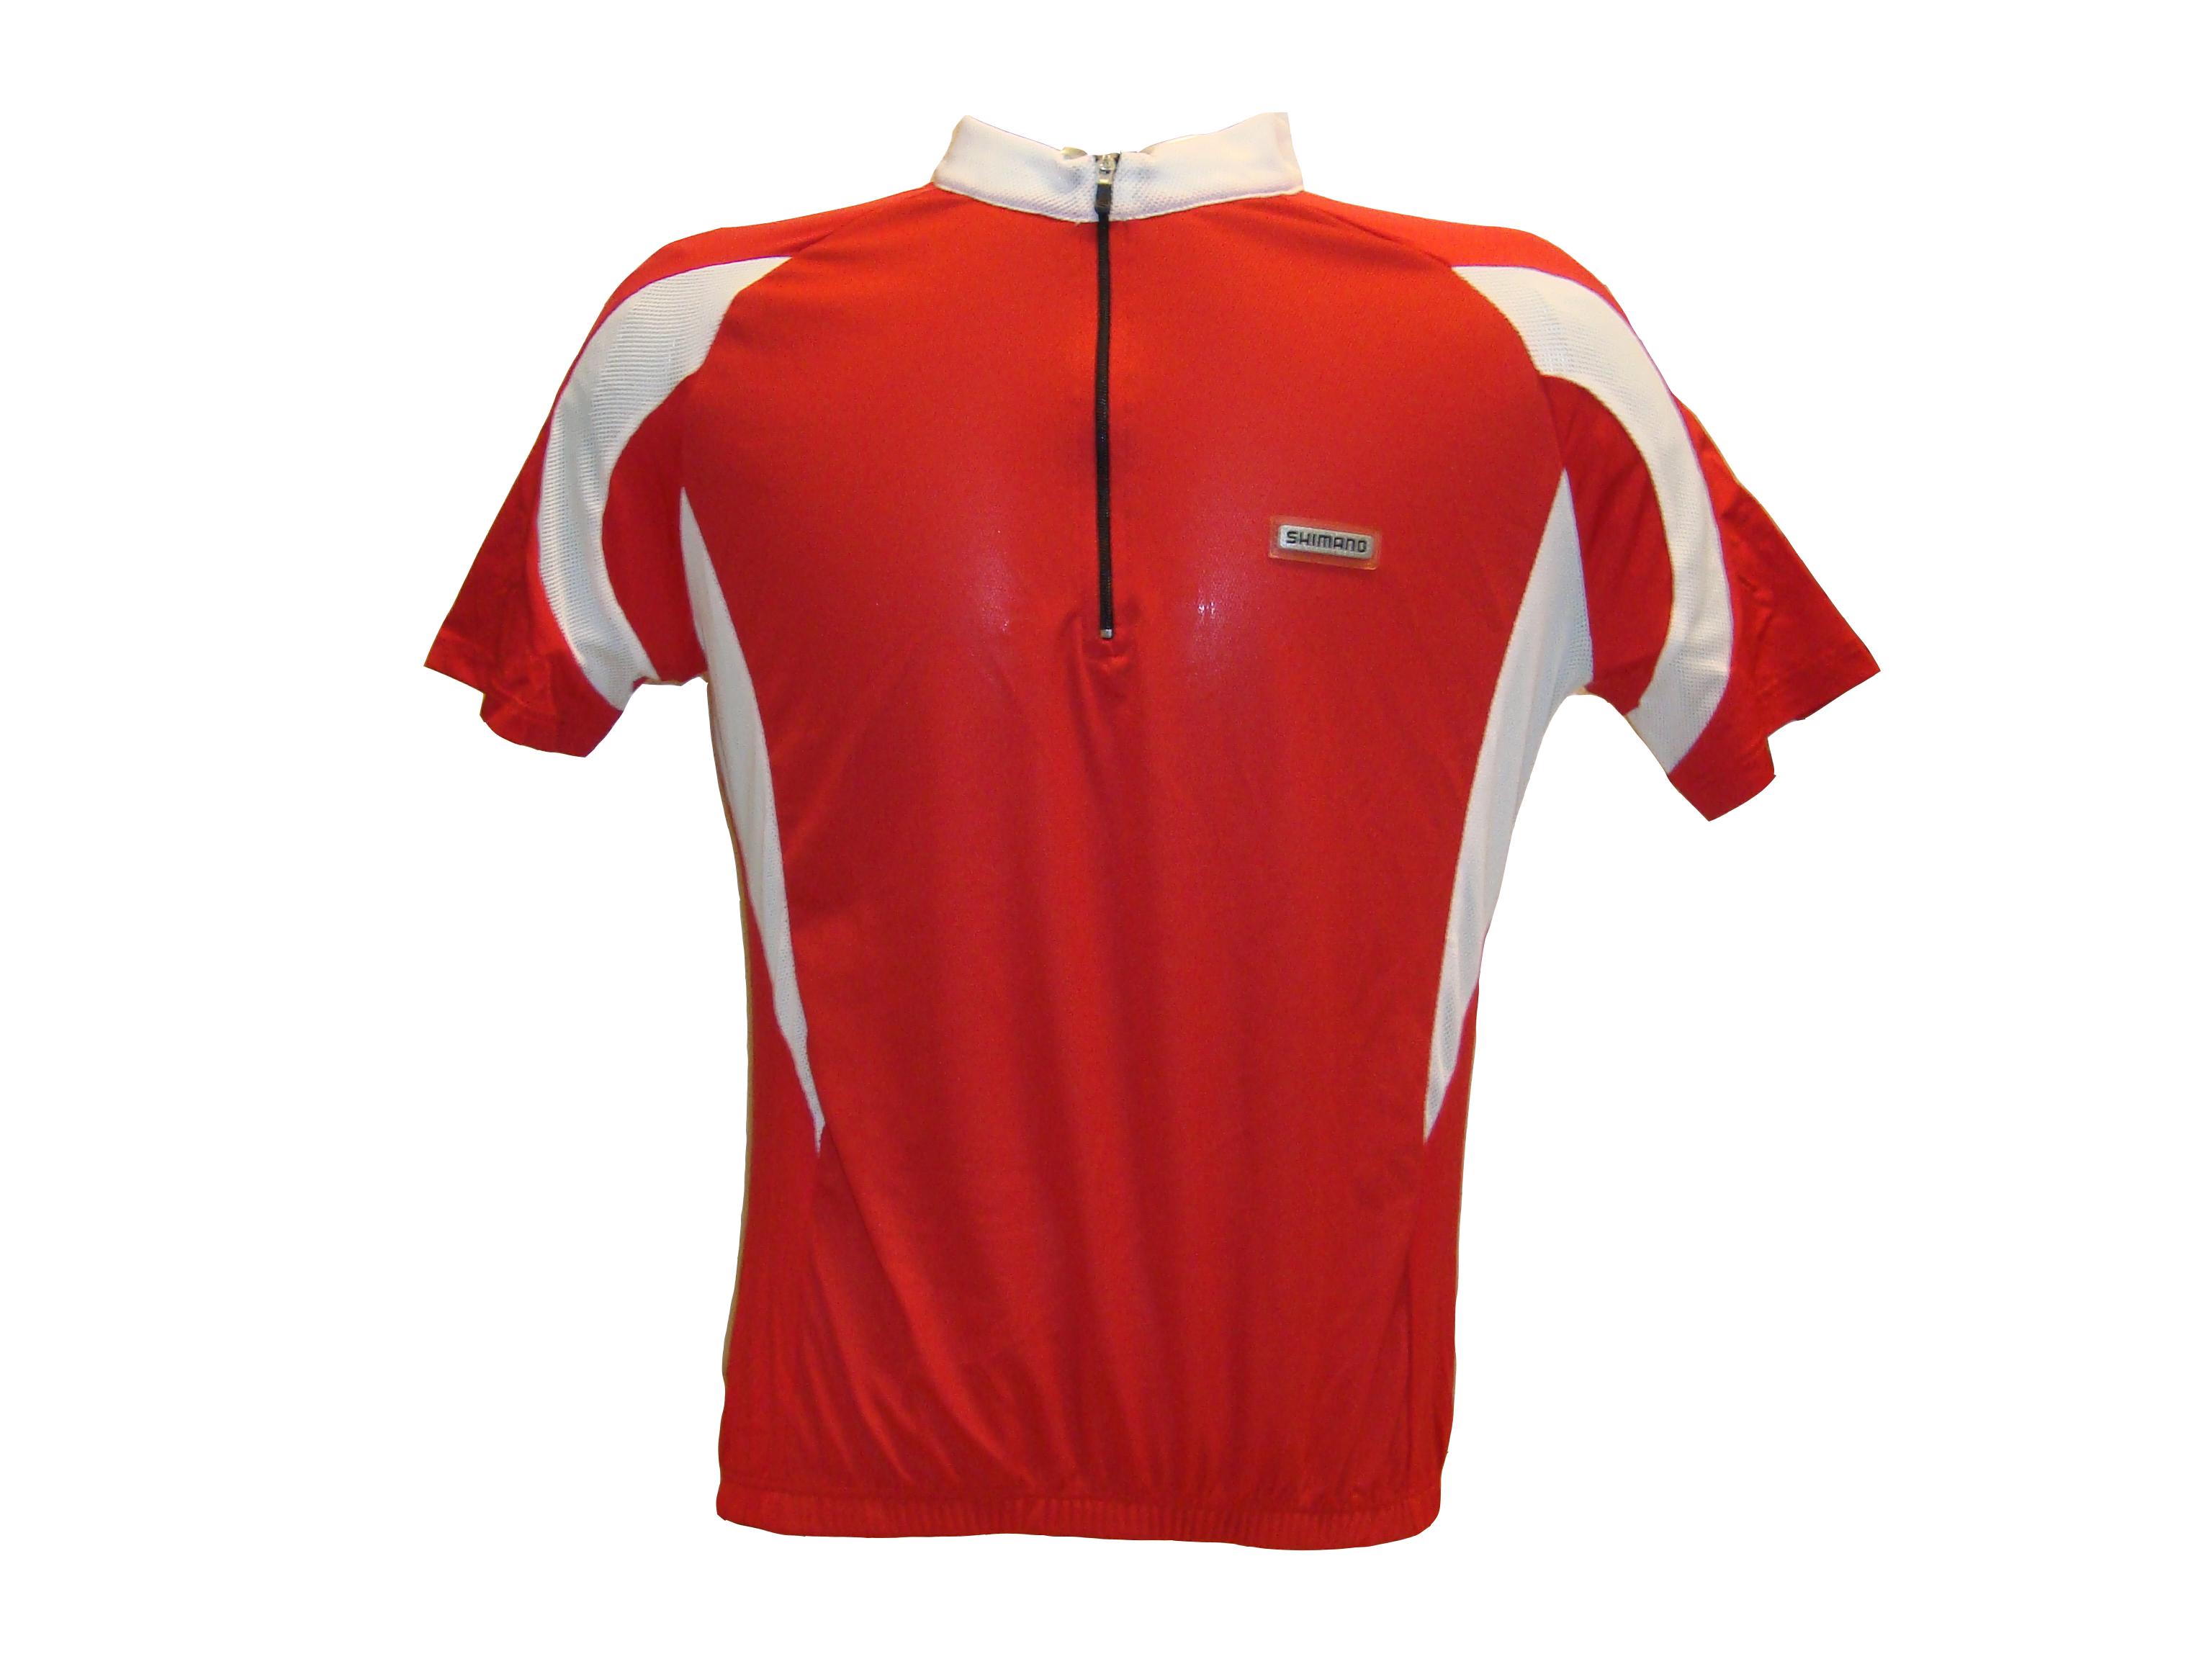 SHIMANO dres krátký rukáv, bílá/červená, M